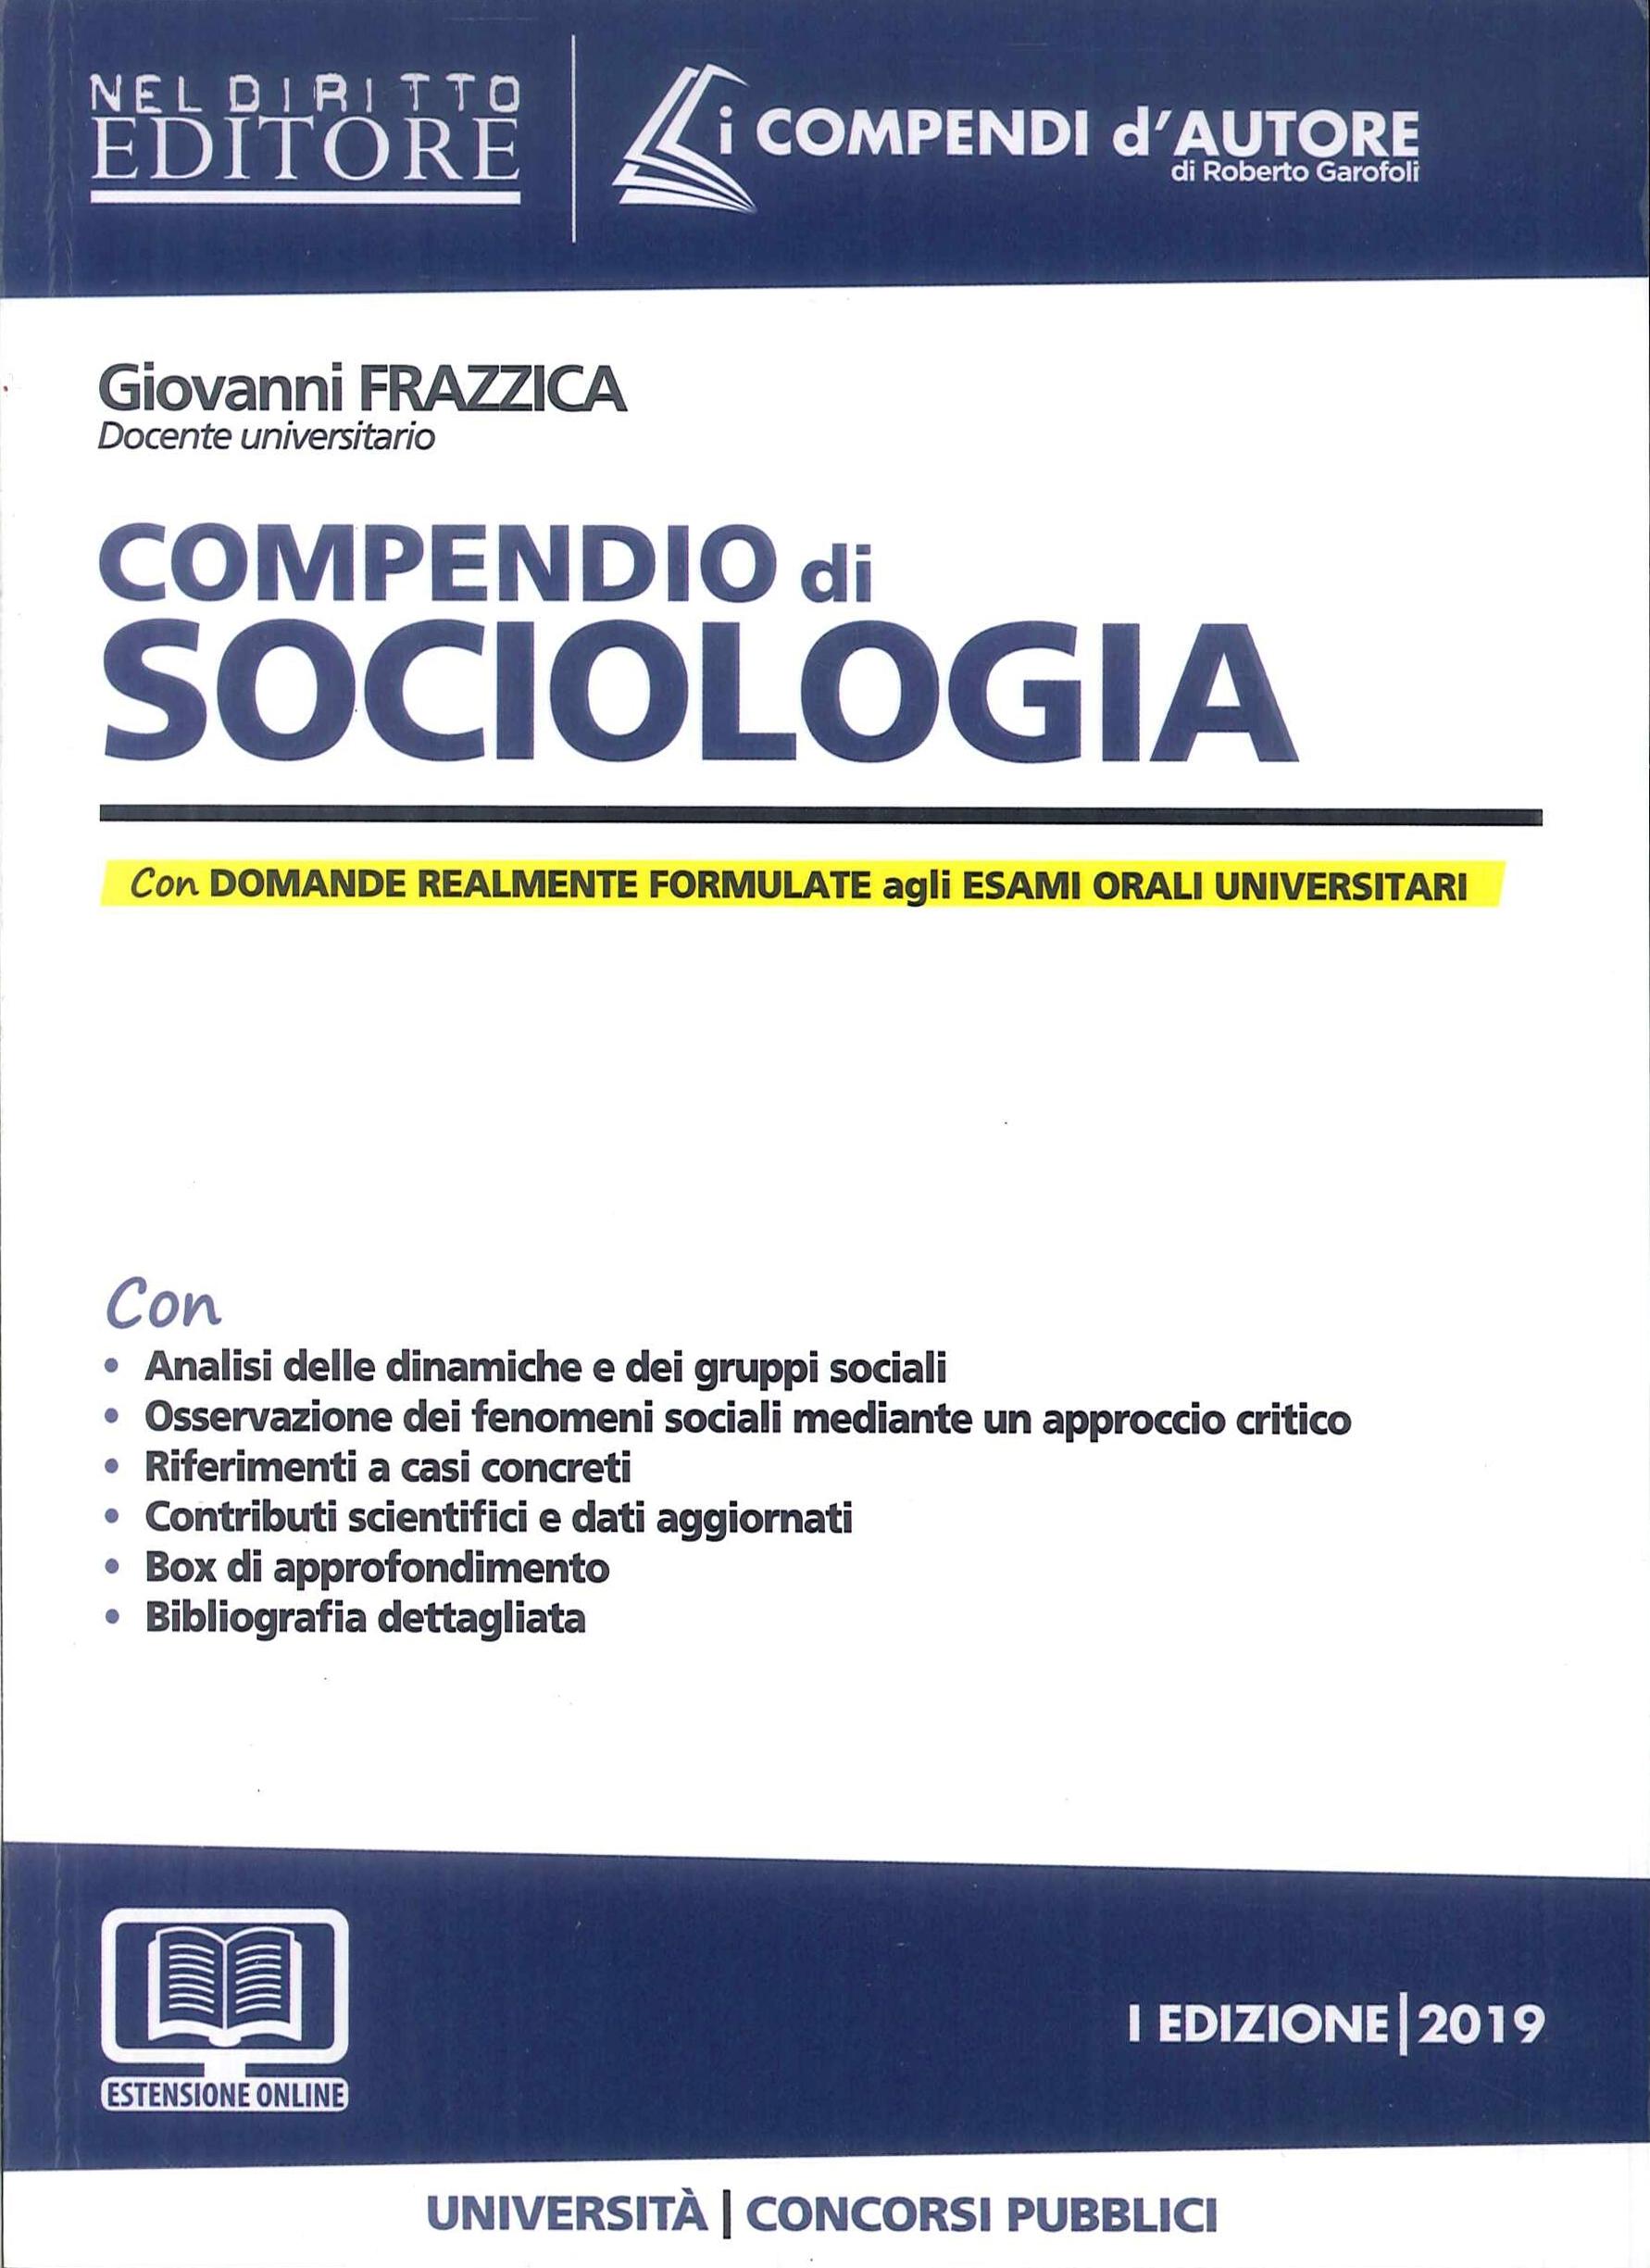 Compendio di Sociologia. - Giovanni Frazzica